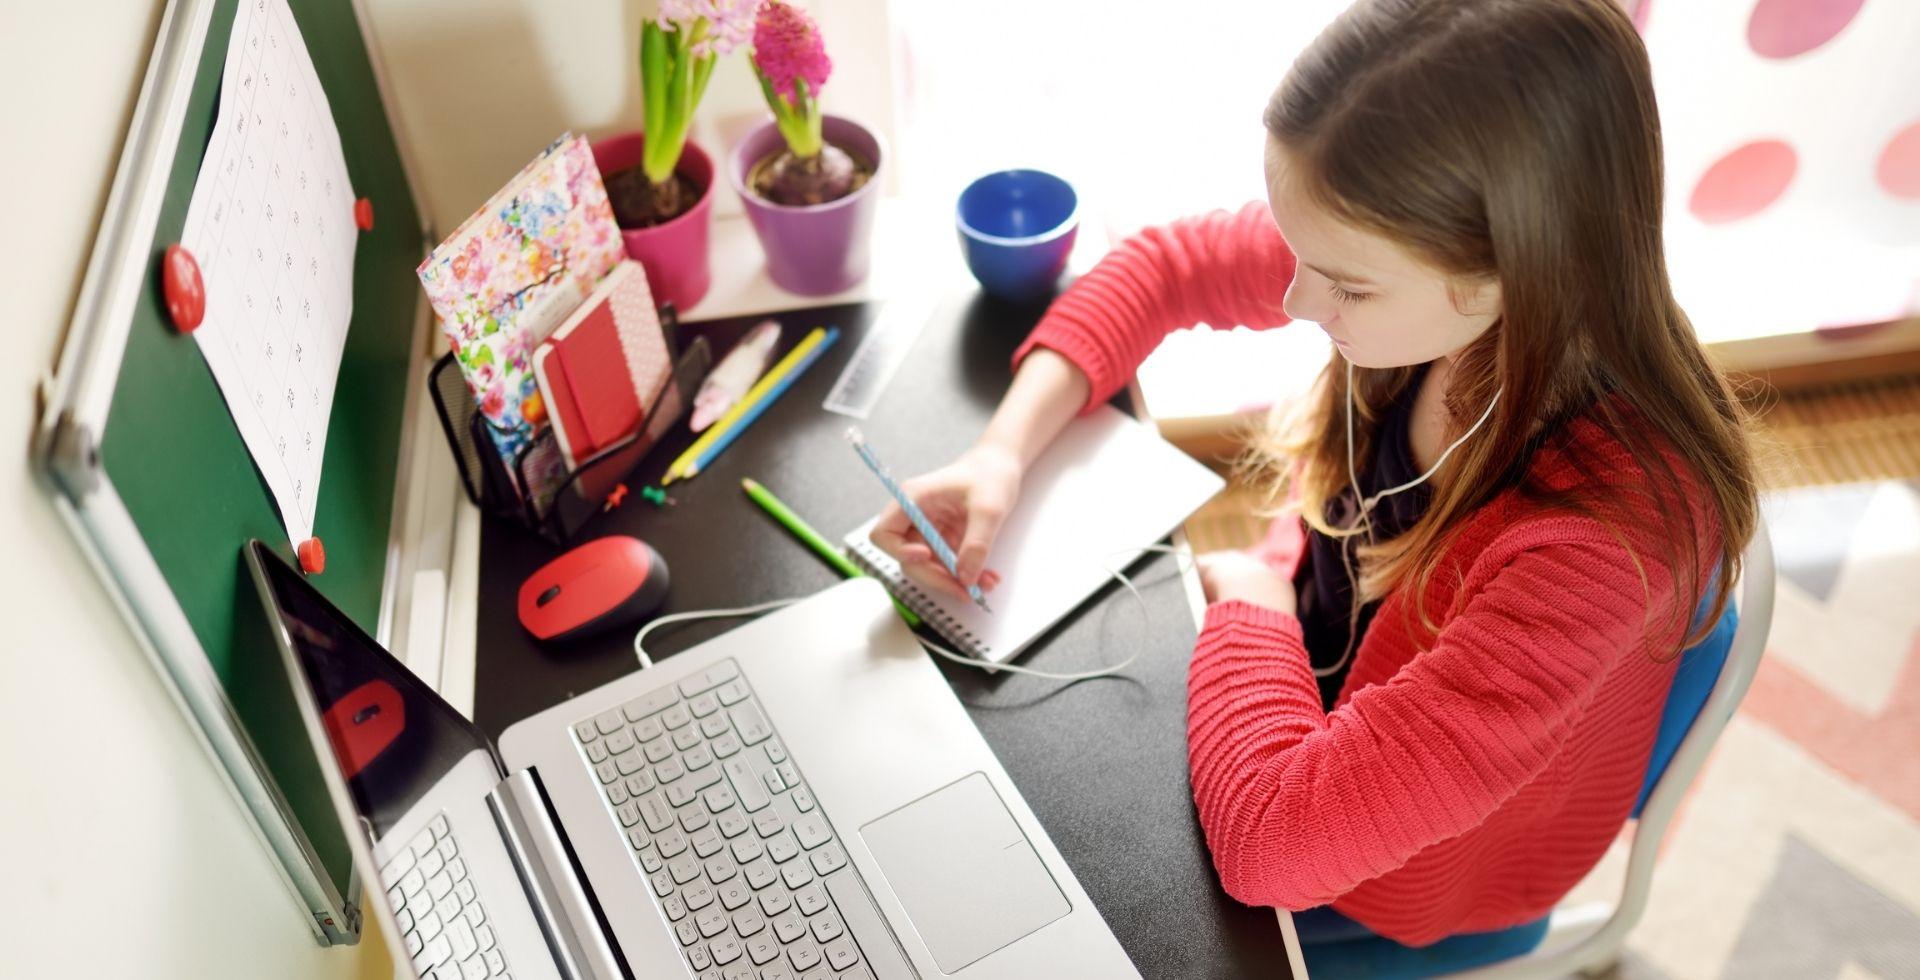 Çevrimiçi eğitmenlik ile online eğitim